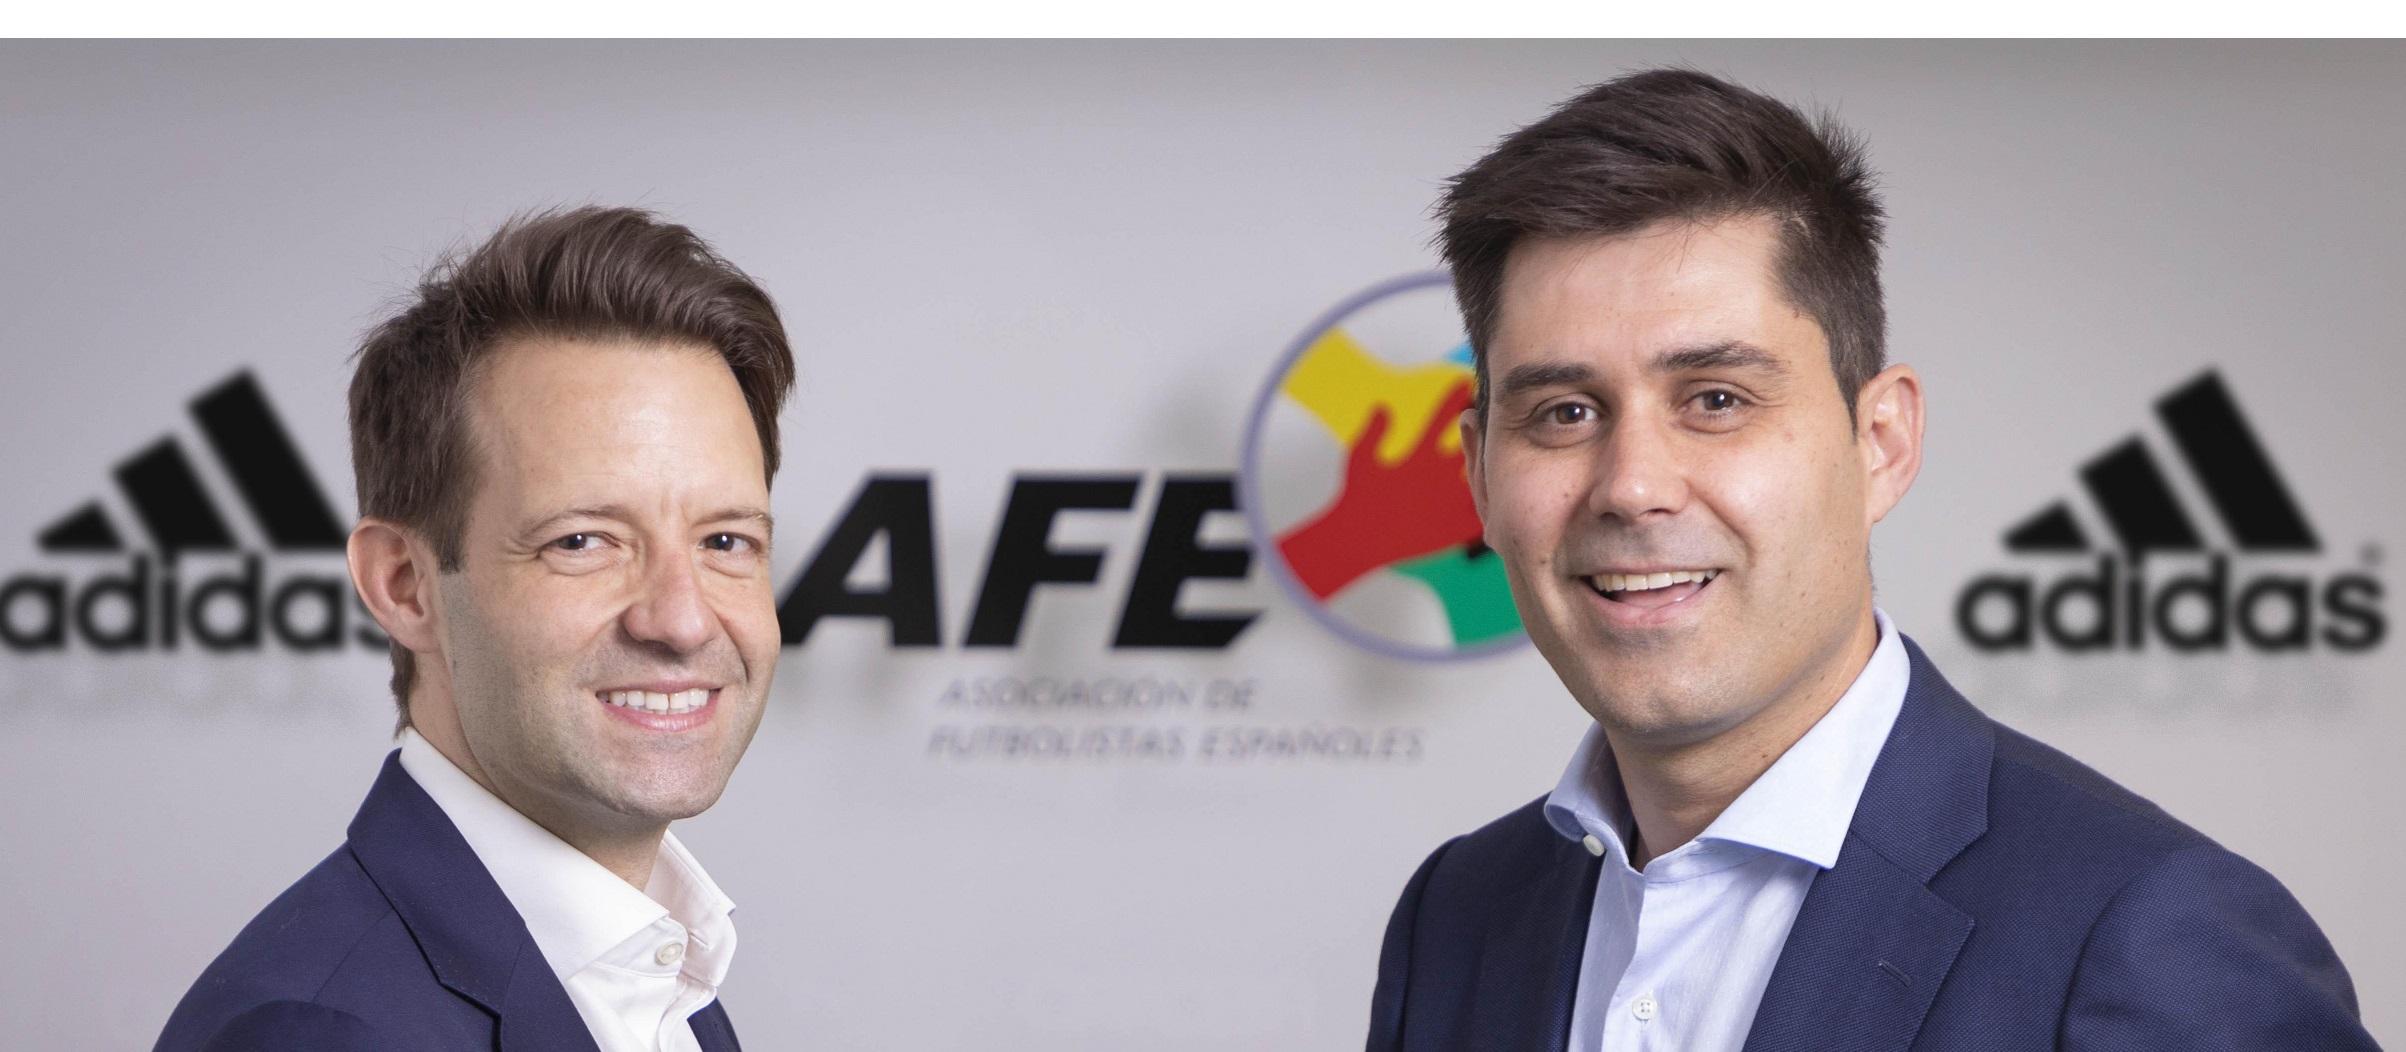 Una buena amiga administración Inolvidable  AFE contará con patrocinio de adidas cuatro años más - ProgPublicidad